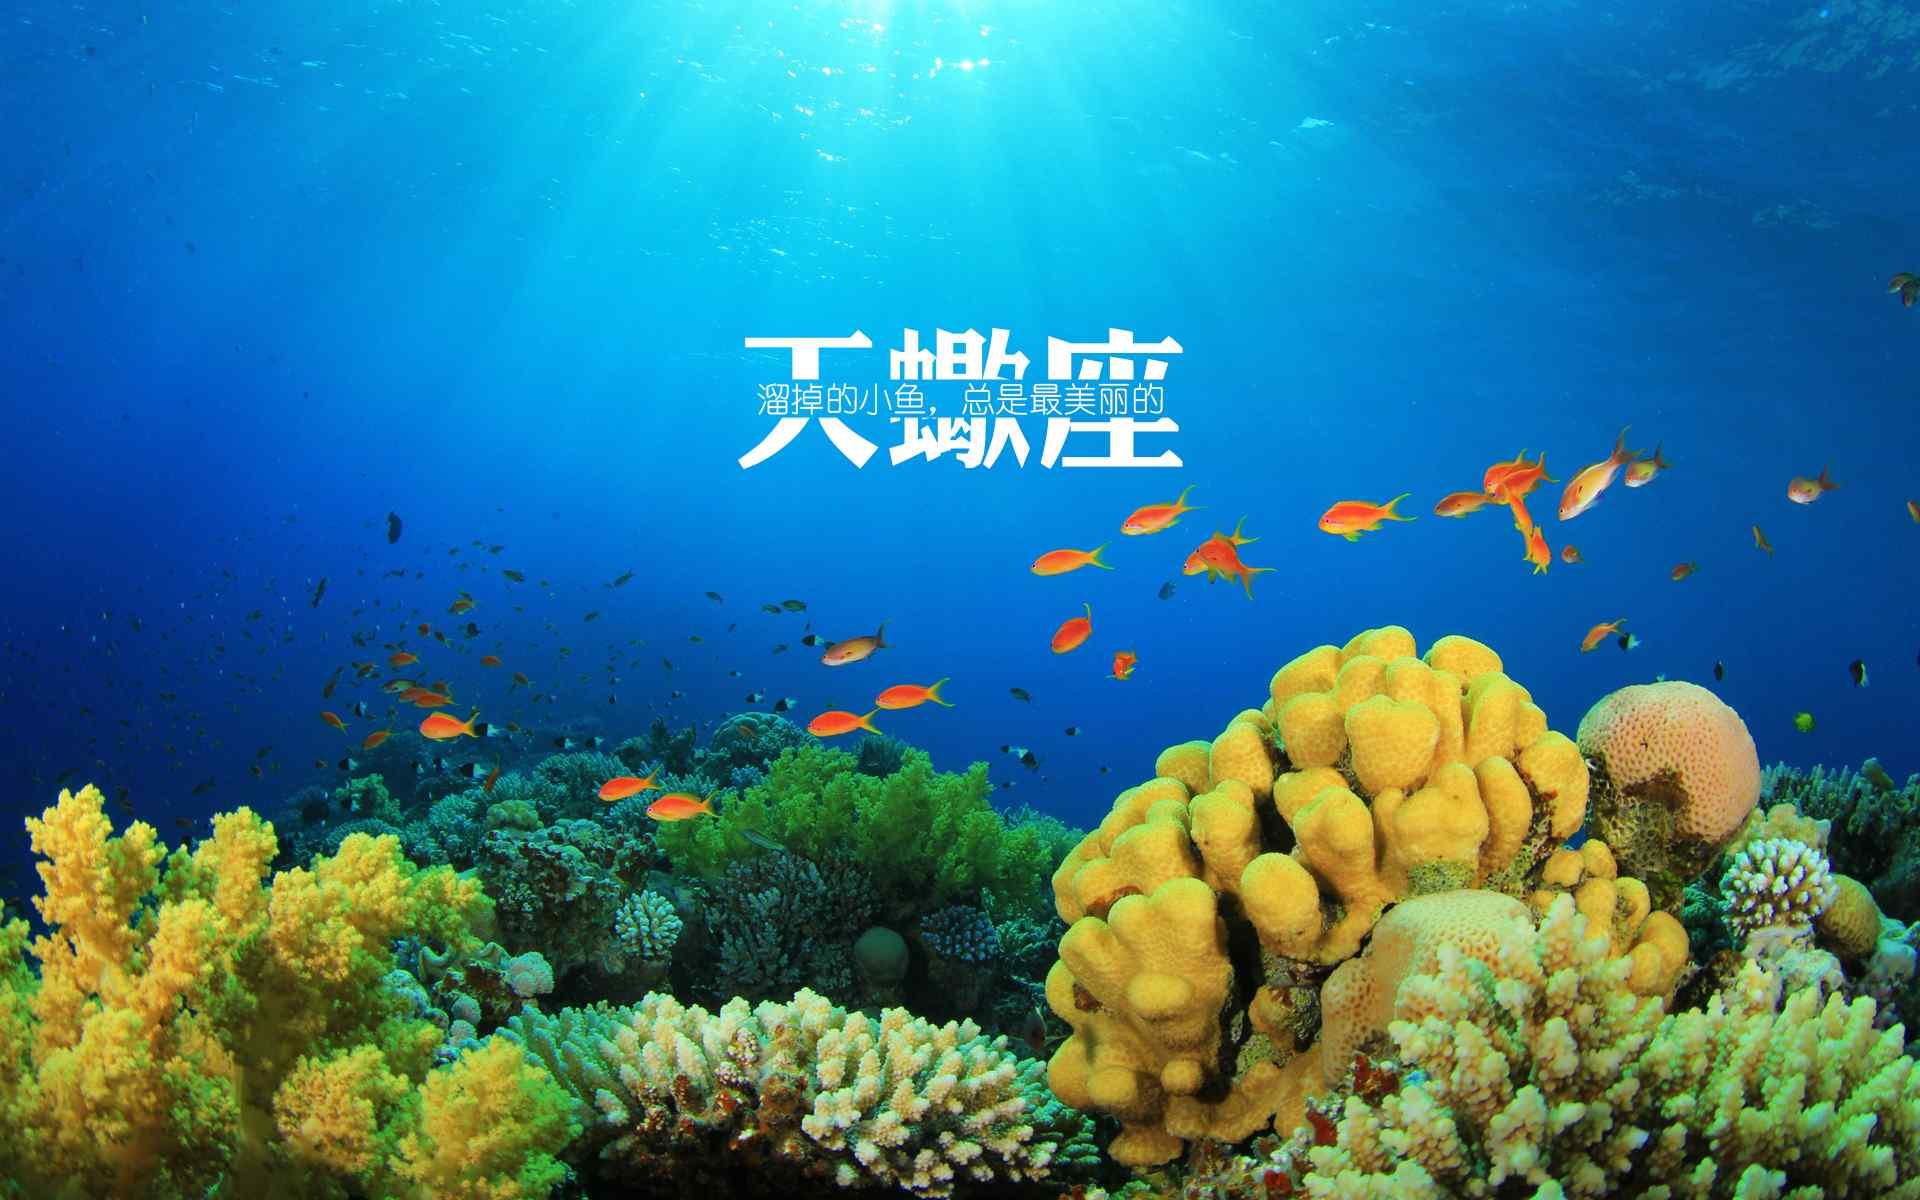 大海与鱼非主流文字星座壁纸